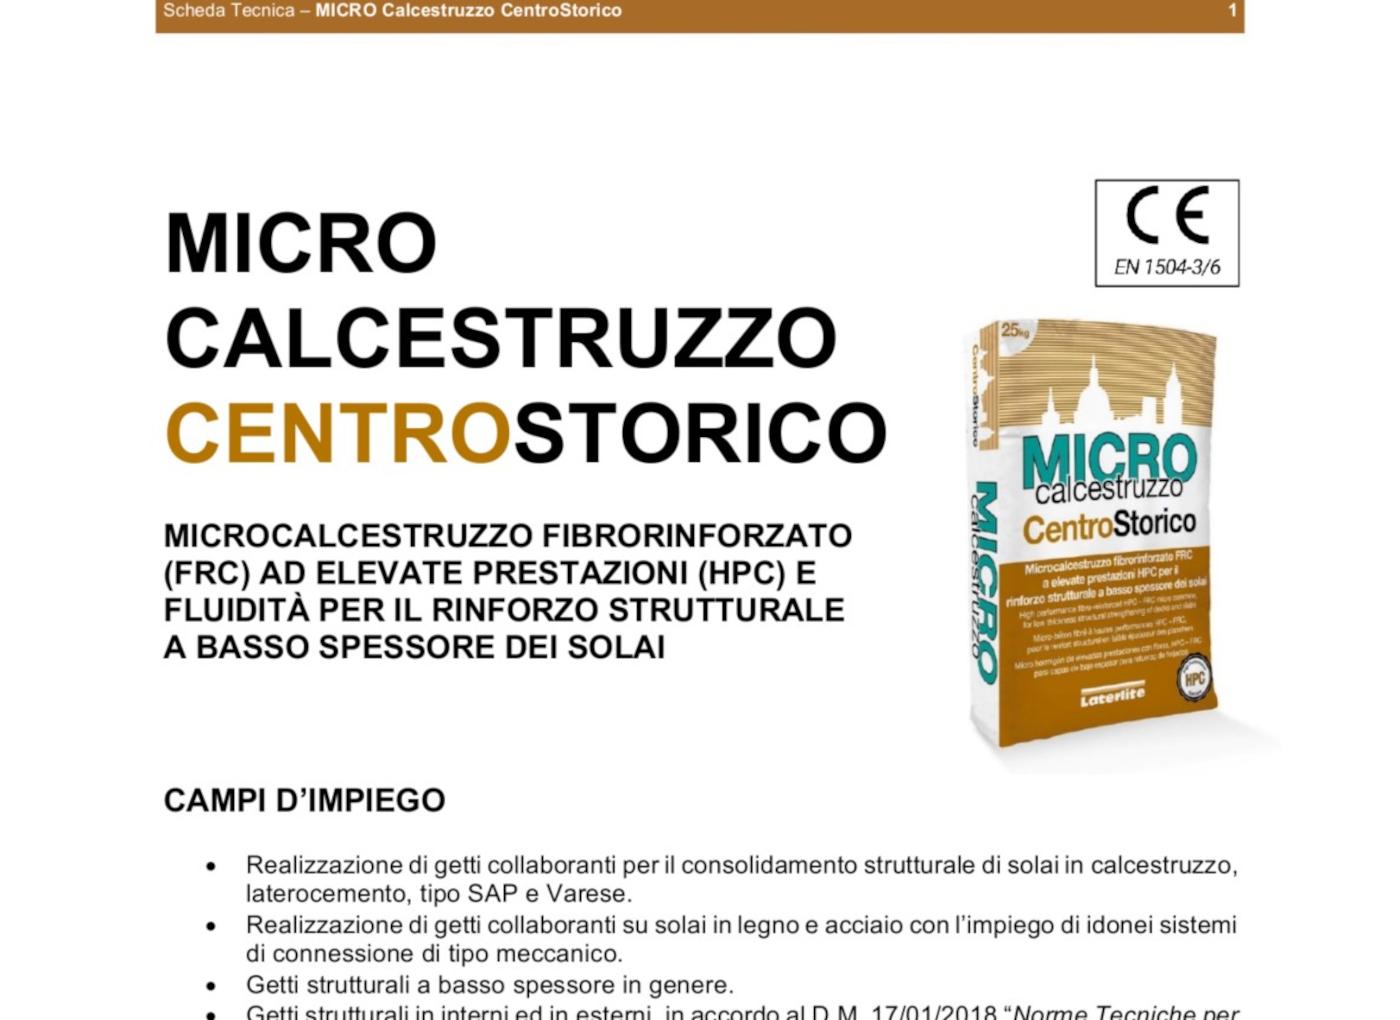 scheda-tecnica-microcalcestruzzo-centrostorico